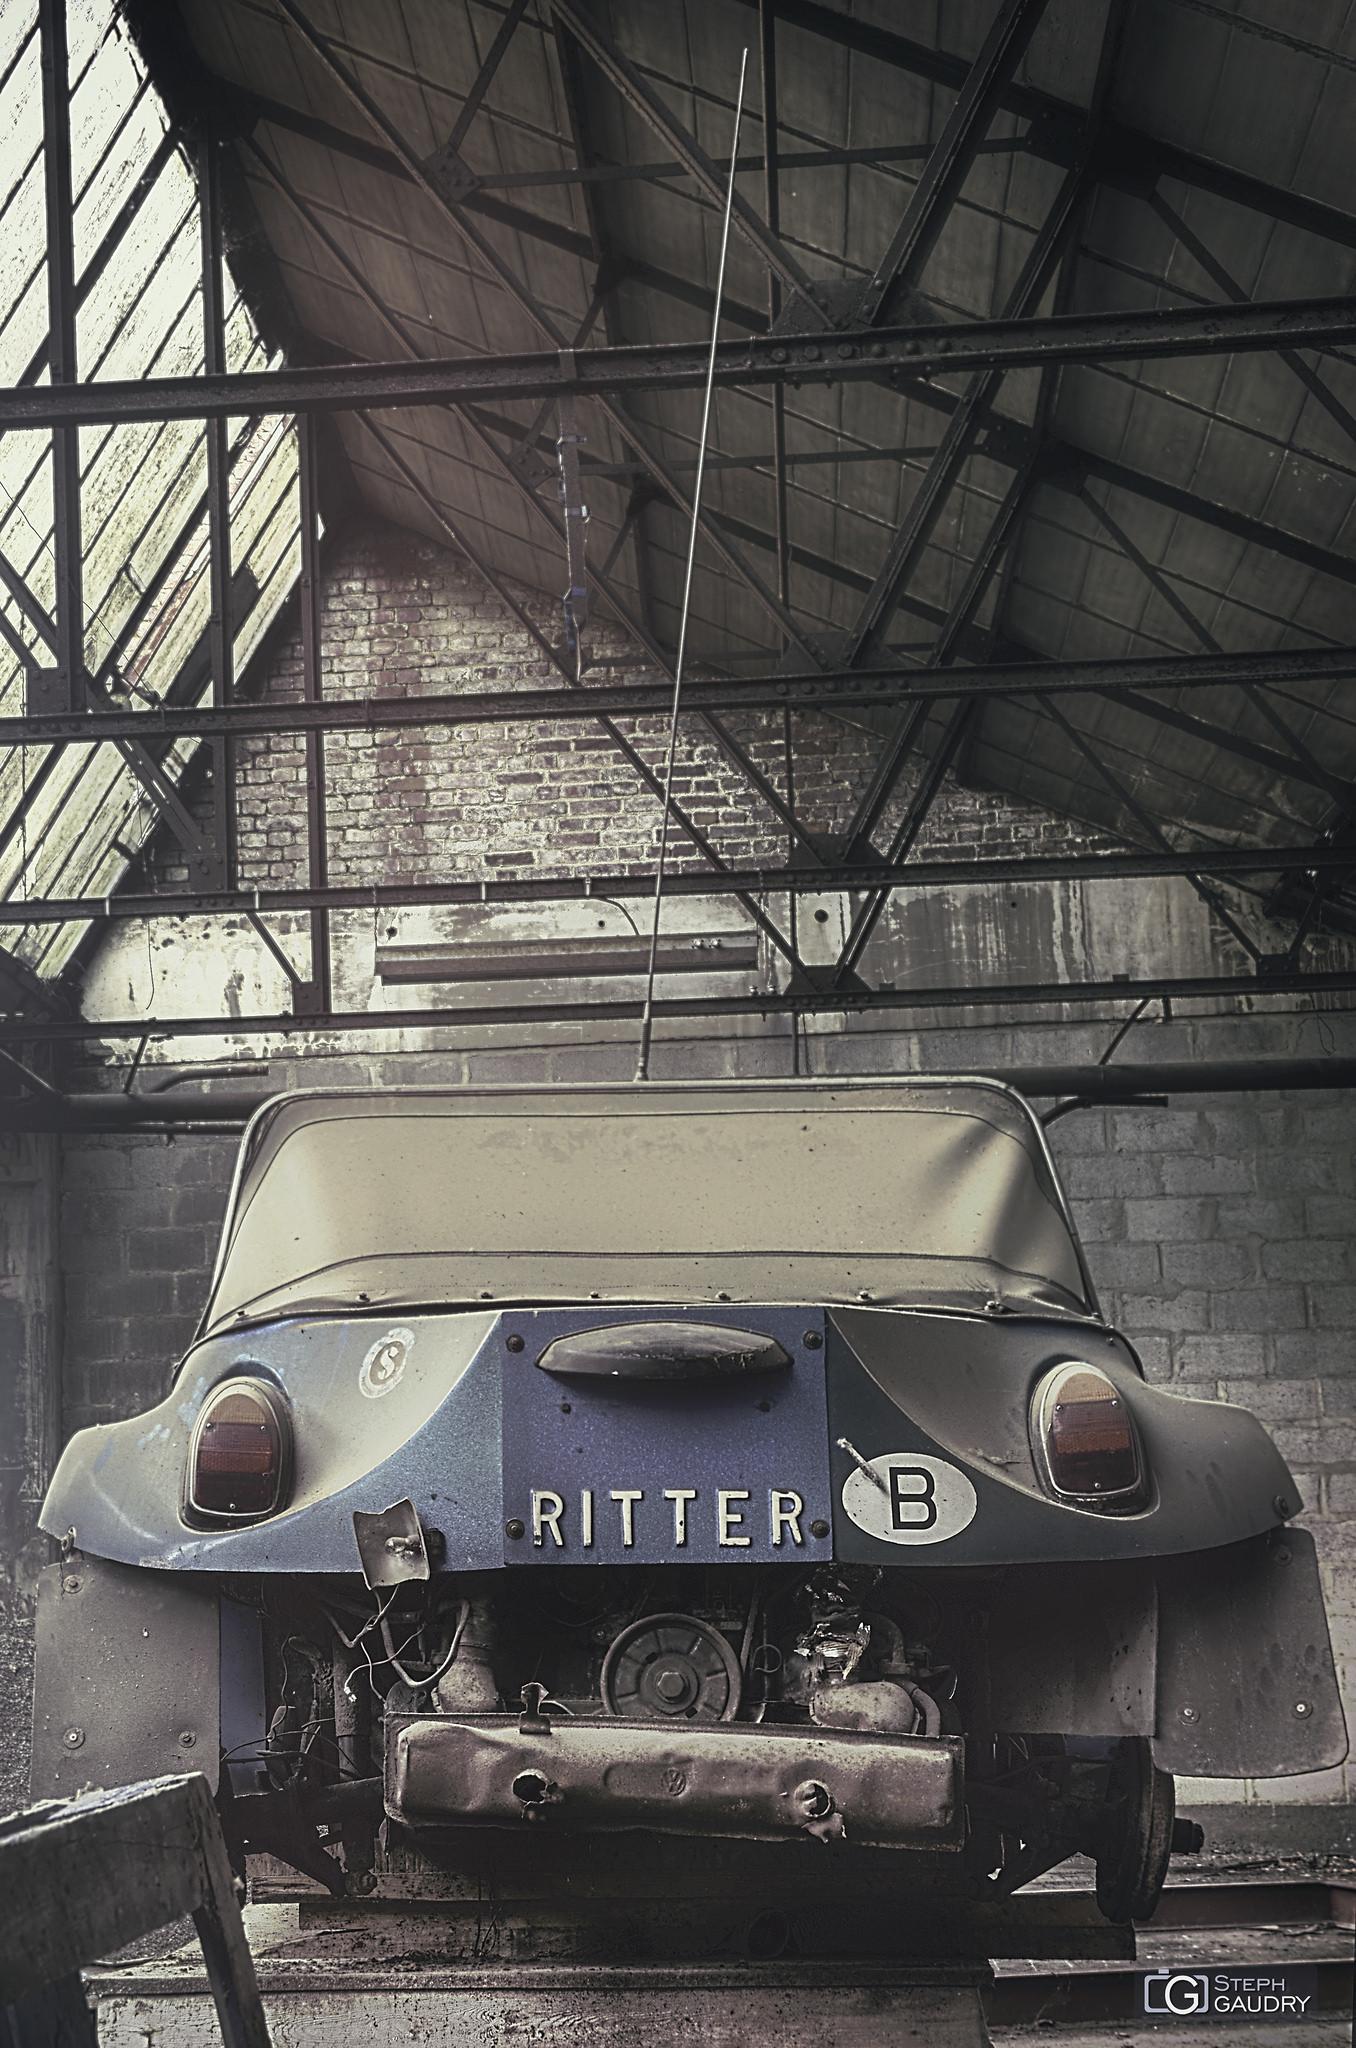 RITTER on rails - rear [Cliquez pour lancer le diaporama]